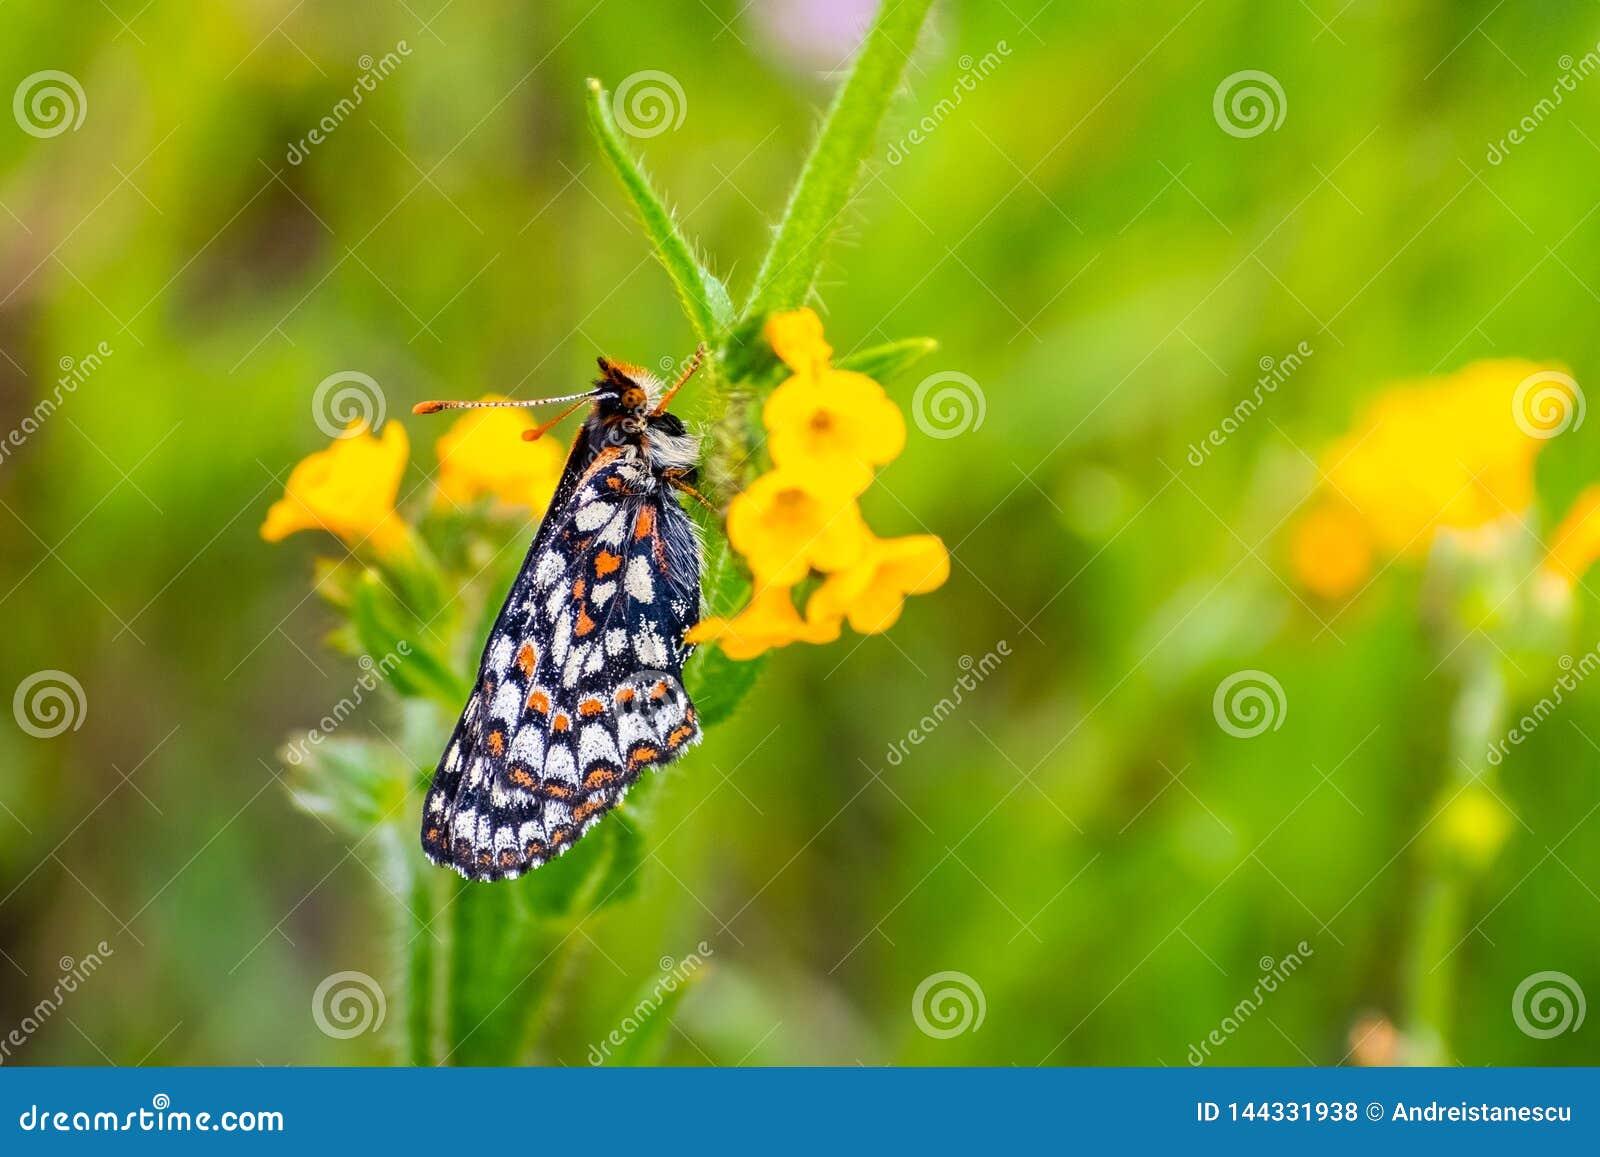 Sluit van de vlinder van Baaicheckerspot omhoog bayensis van Euphydryas Editha; geclassificeerd als federaal bedreigde species, z